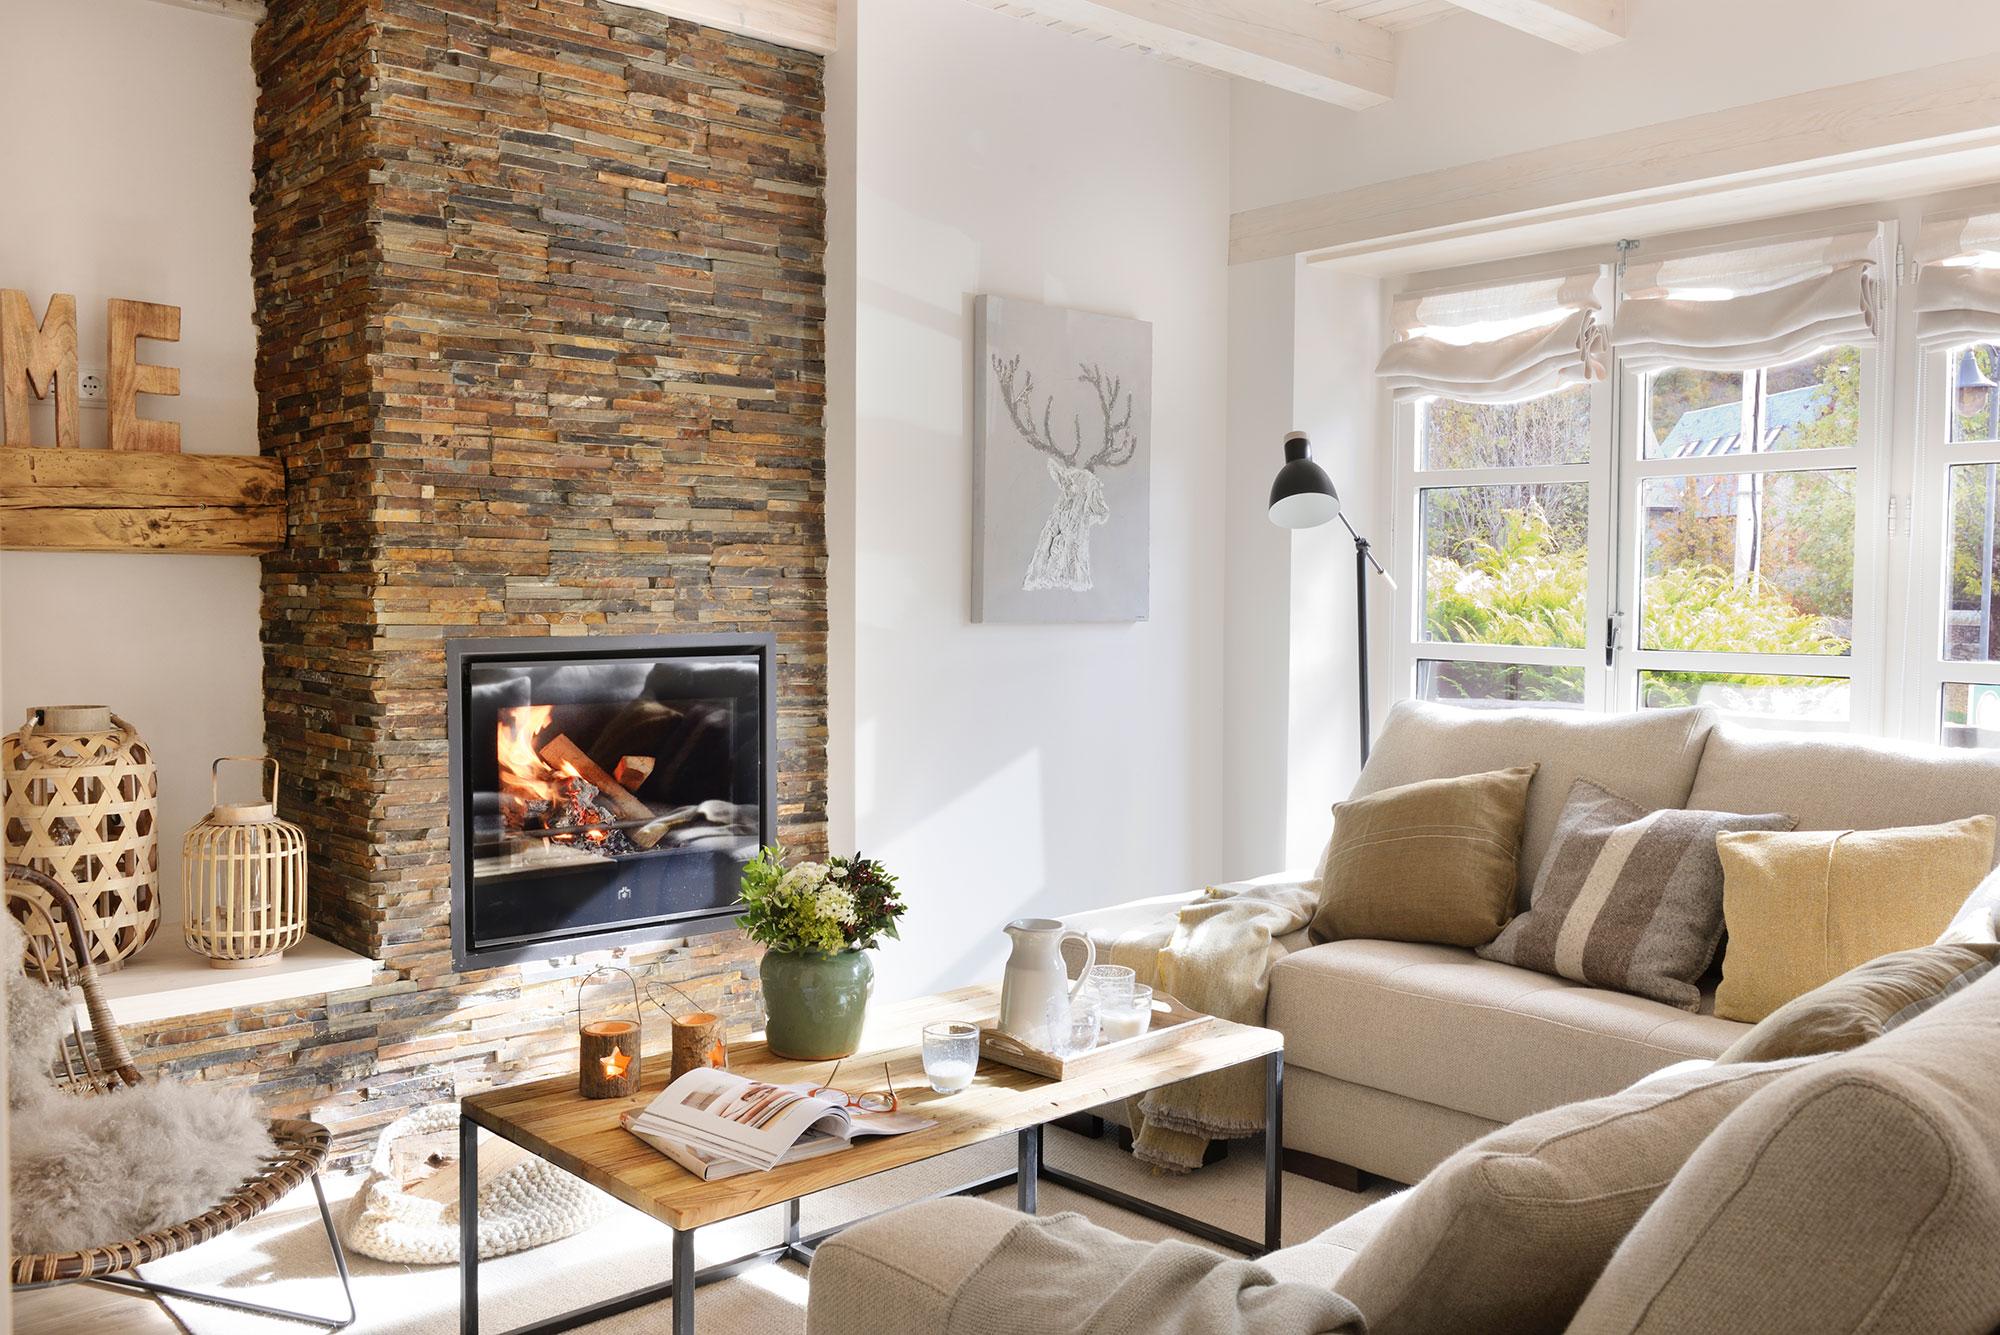 15 salones r sticos c lidos y con muy buenas ideas - Salones decorados con piedra ...